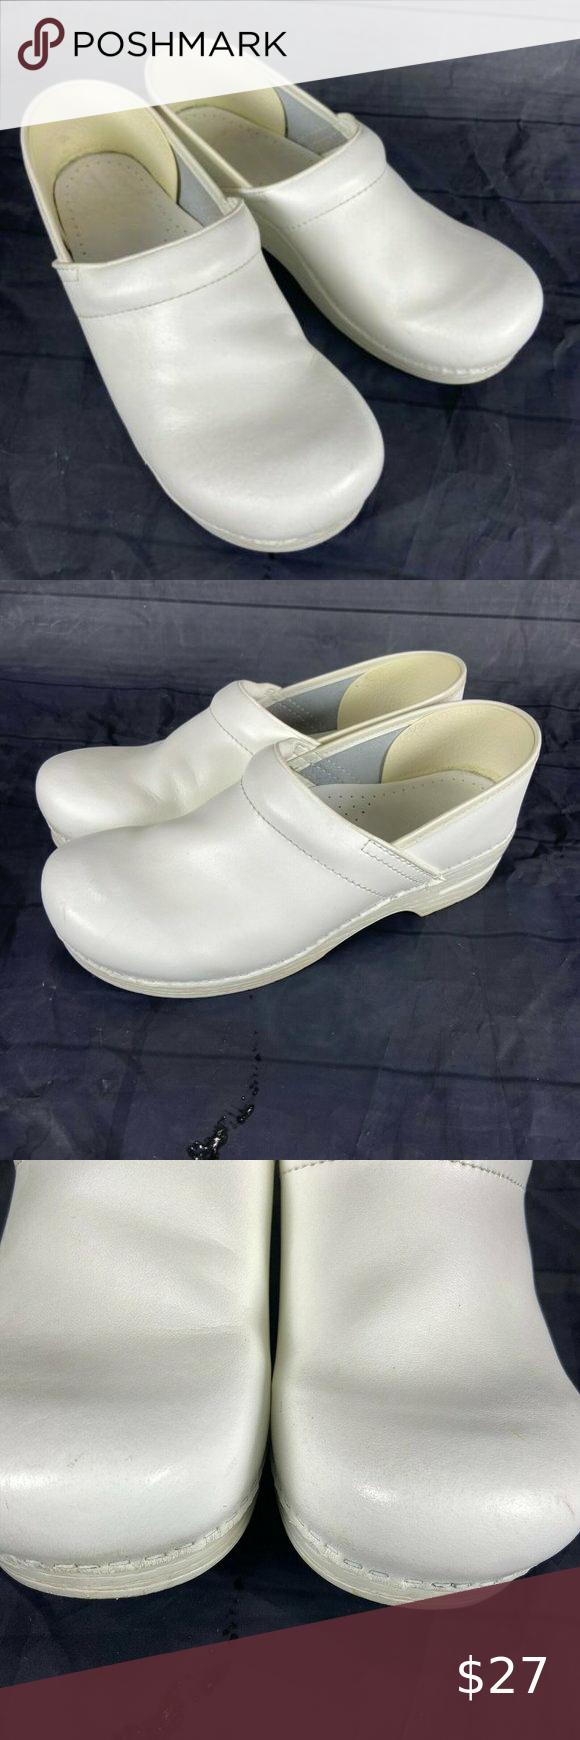 Nursing shoes, Clogs shoes